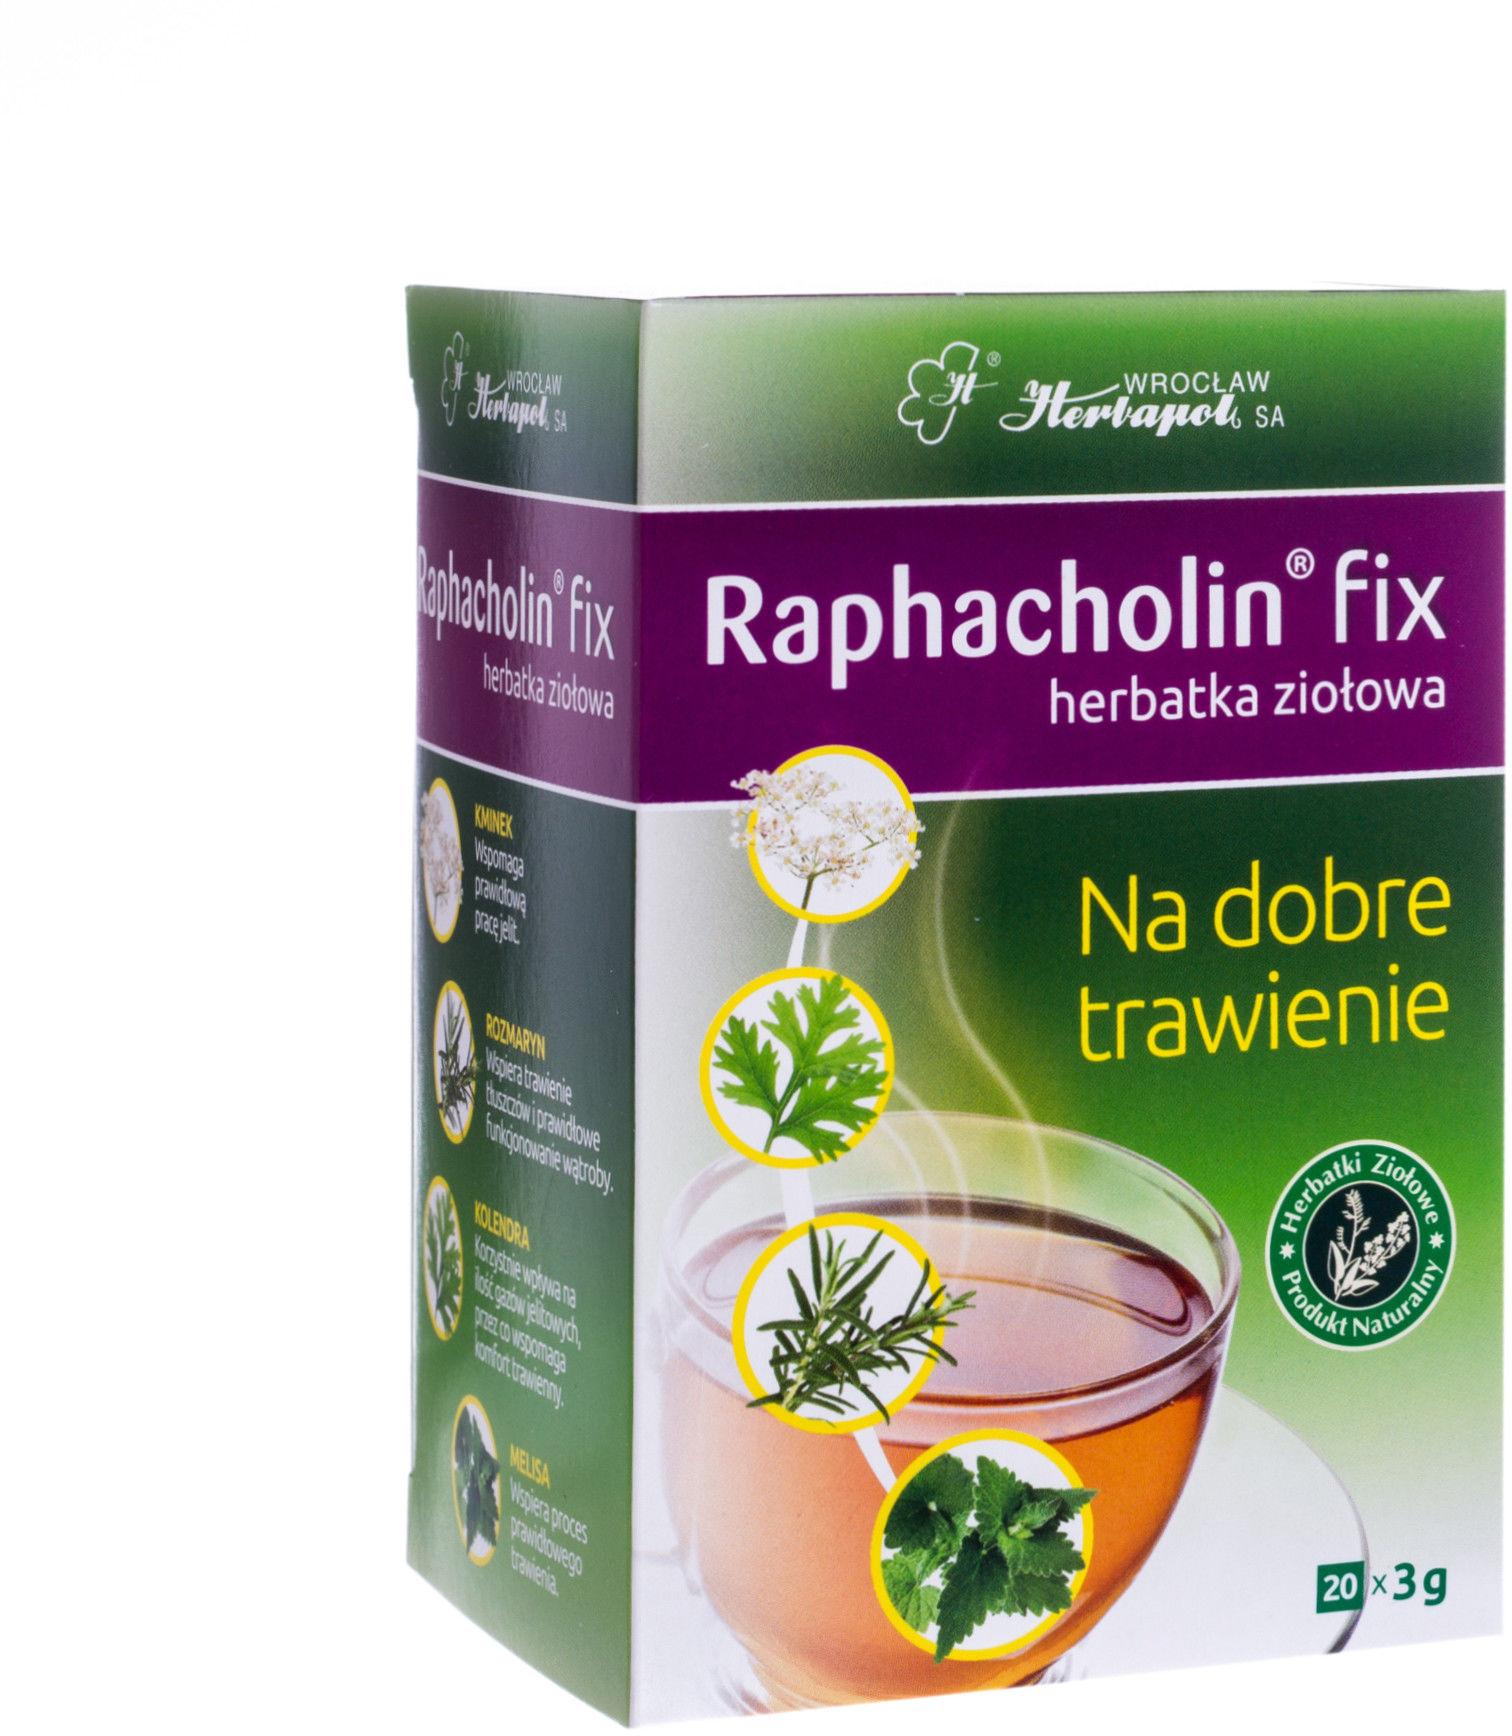 Raphacholin fix herbatka ziołowa 20 saszetek